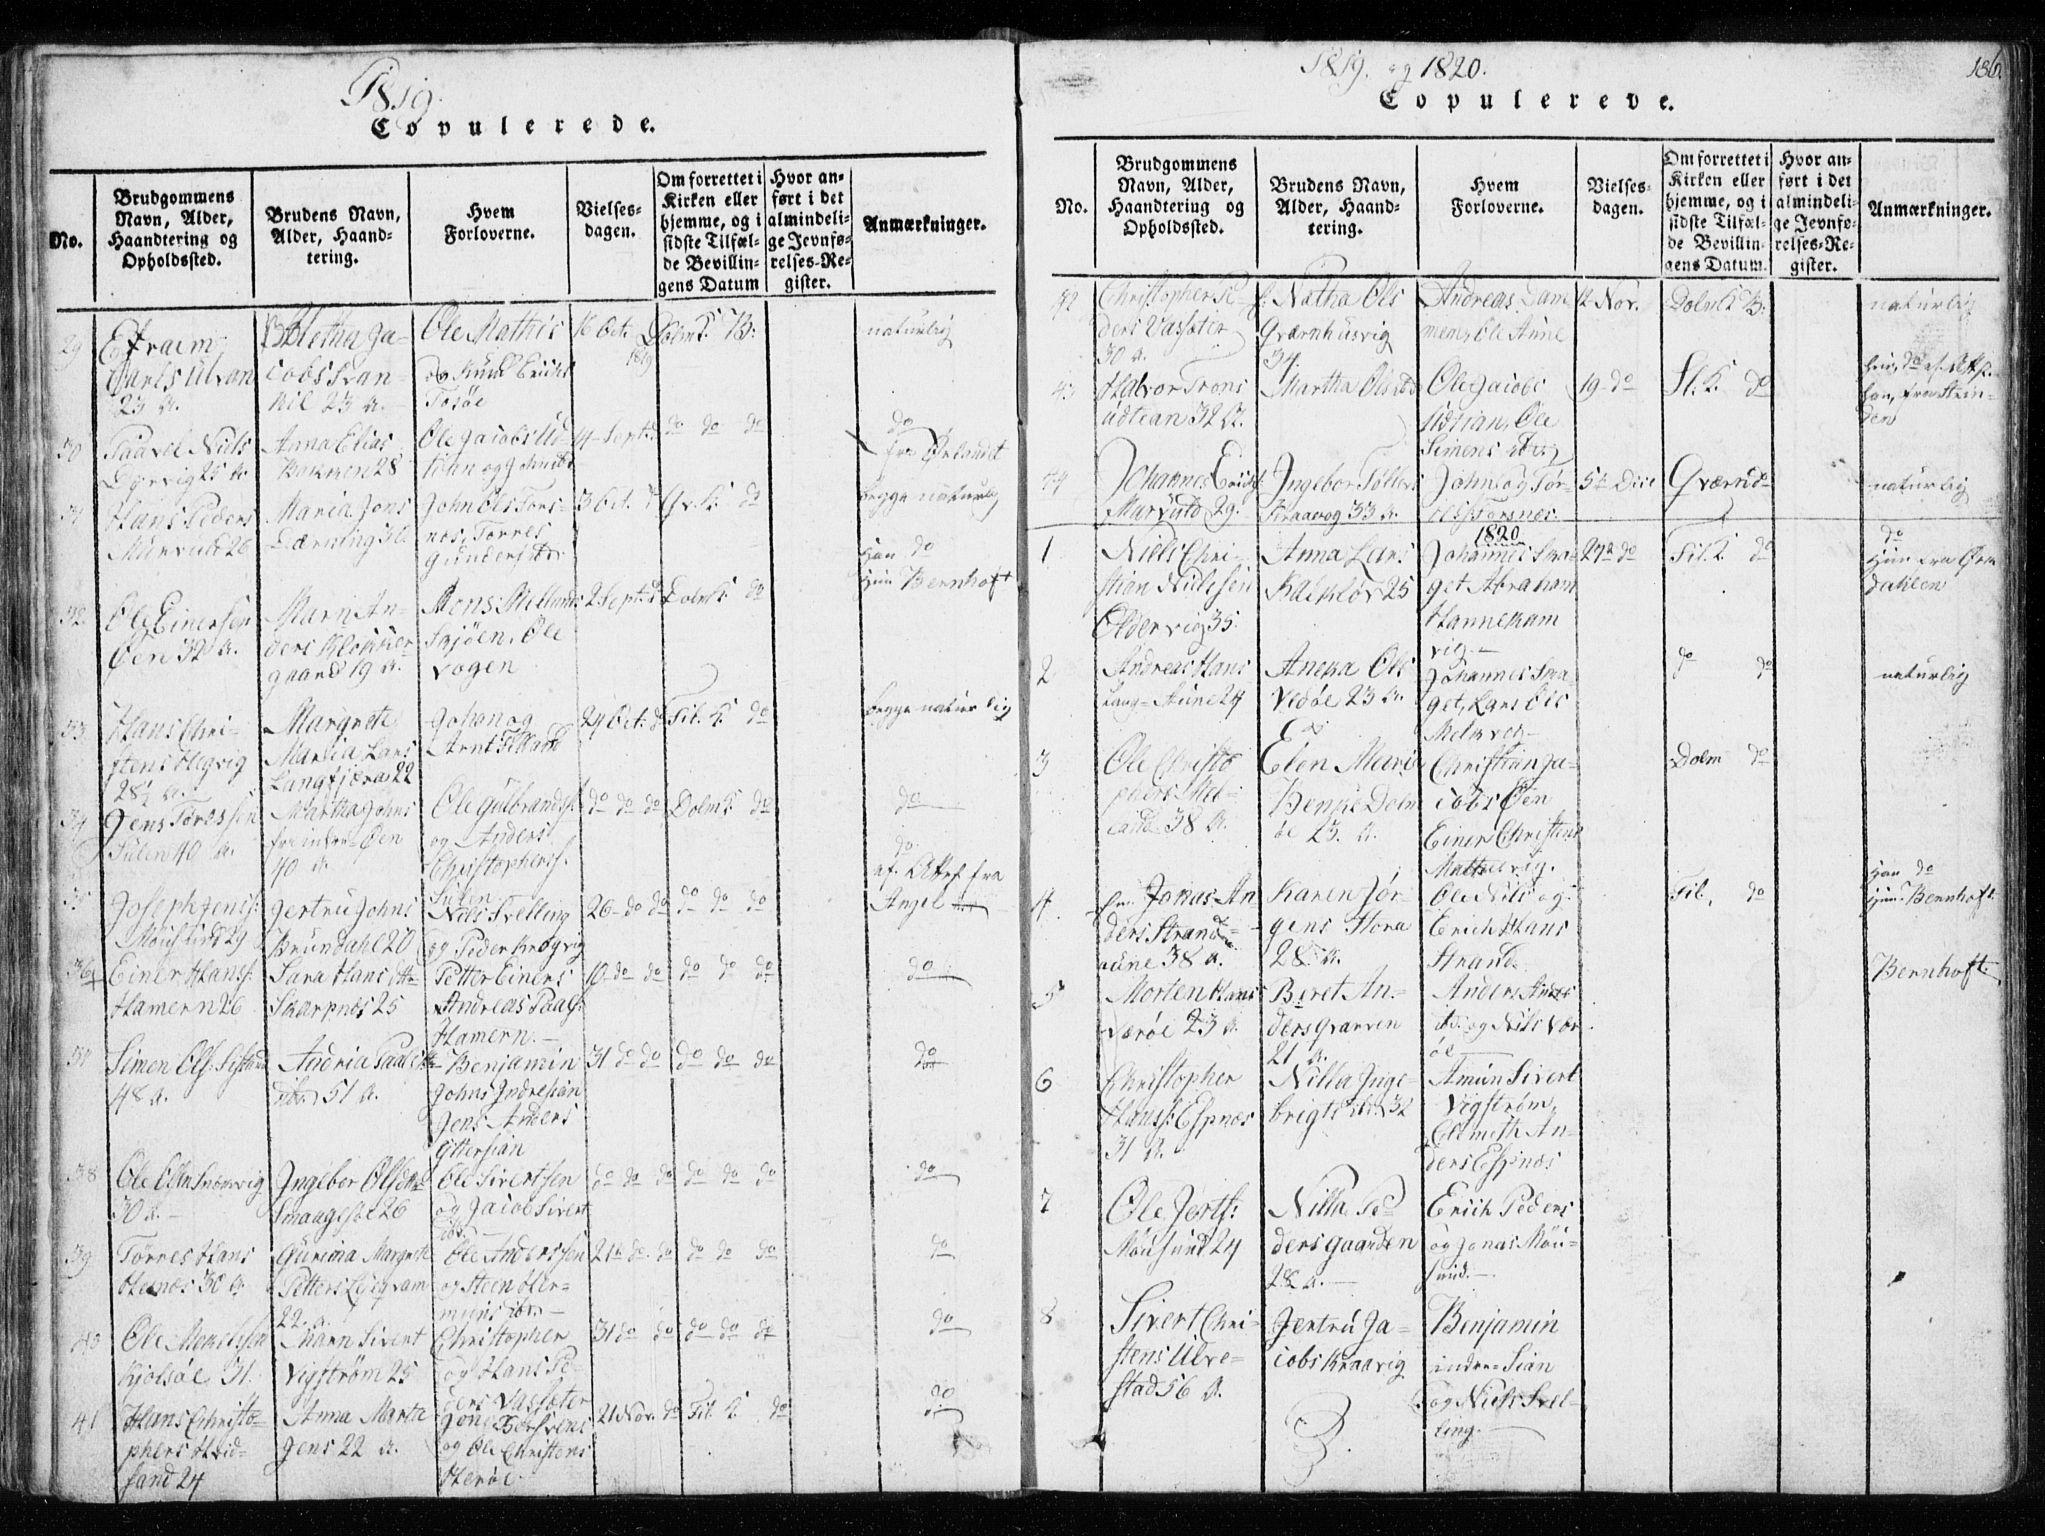 SAT, Ministerialprotokoller, klokkerbøker og fødselsregistre - Sør-Trøndelag, 634/L0527: Ministerialbok nr. 634A03, 1818-1826, s. 186